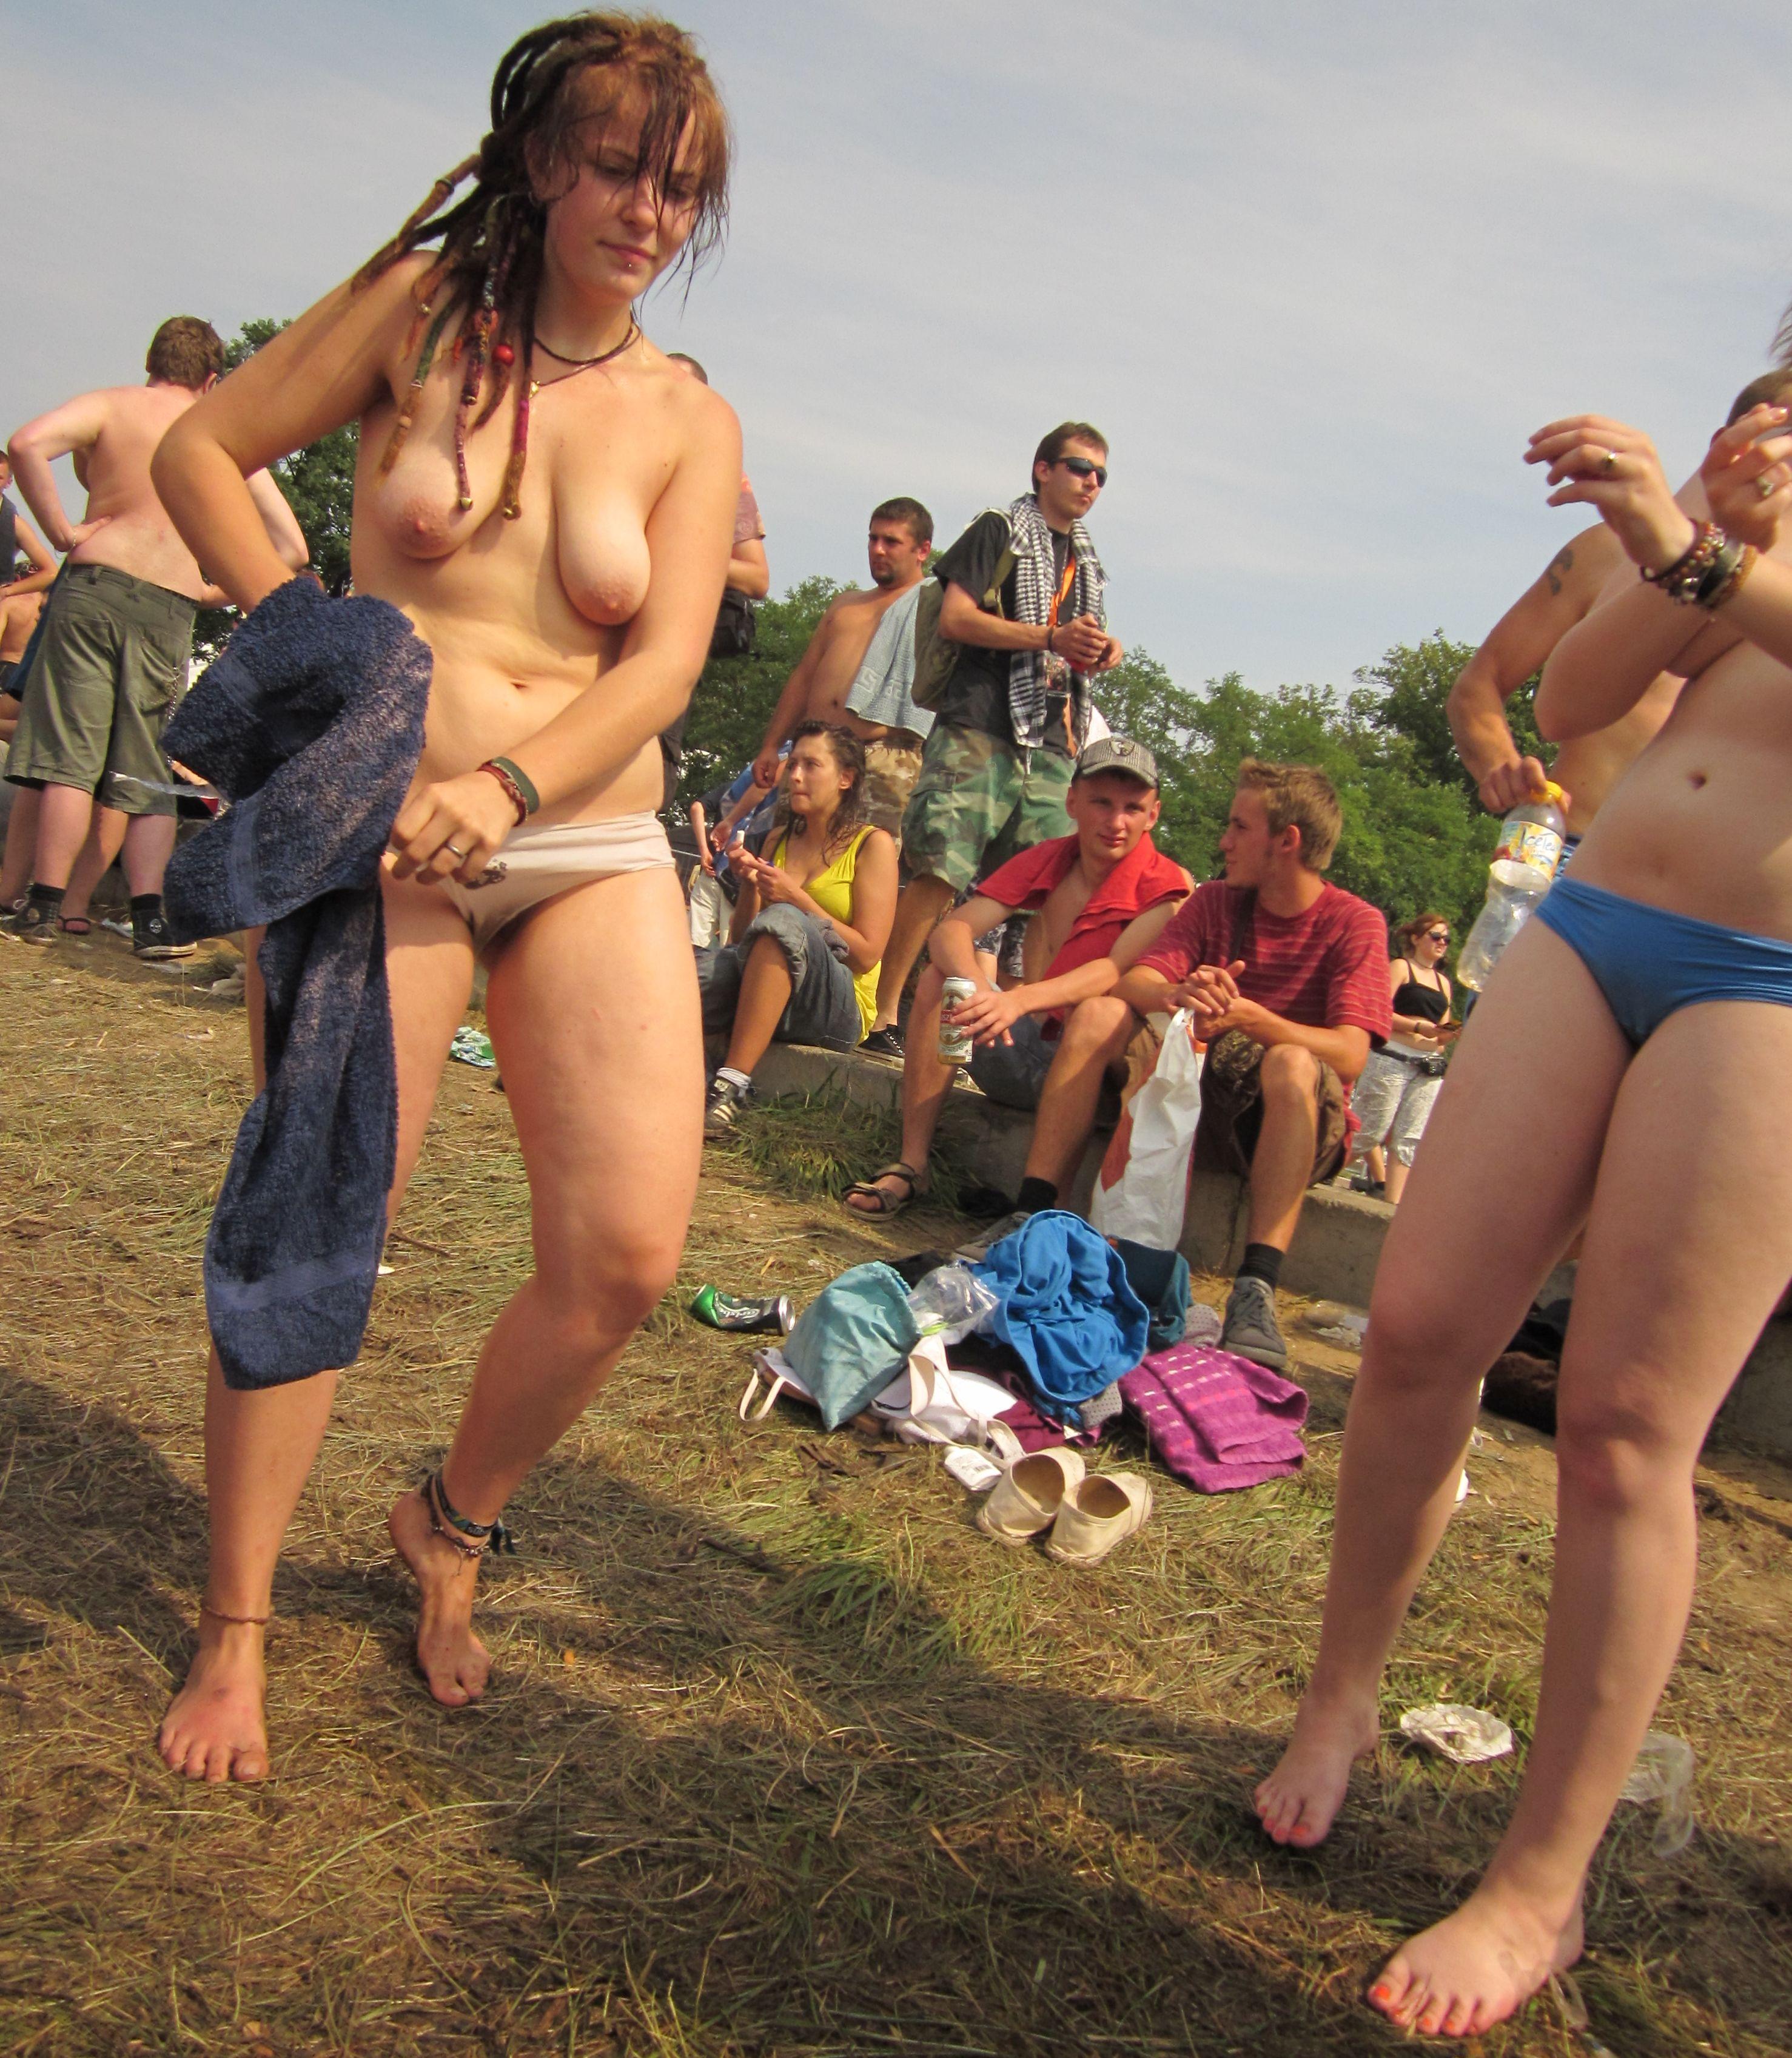 Teen public nude Bikini Waxing